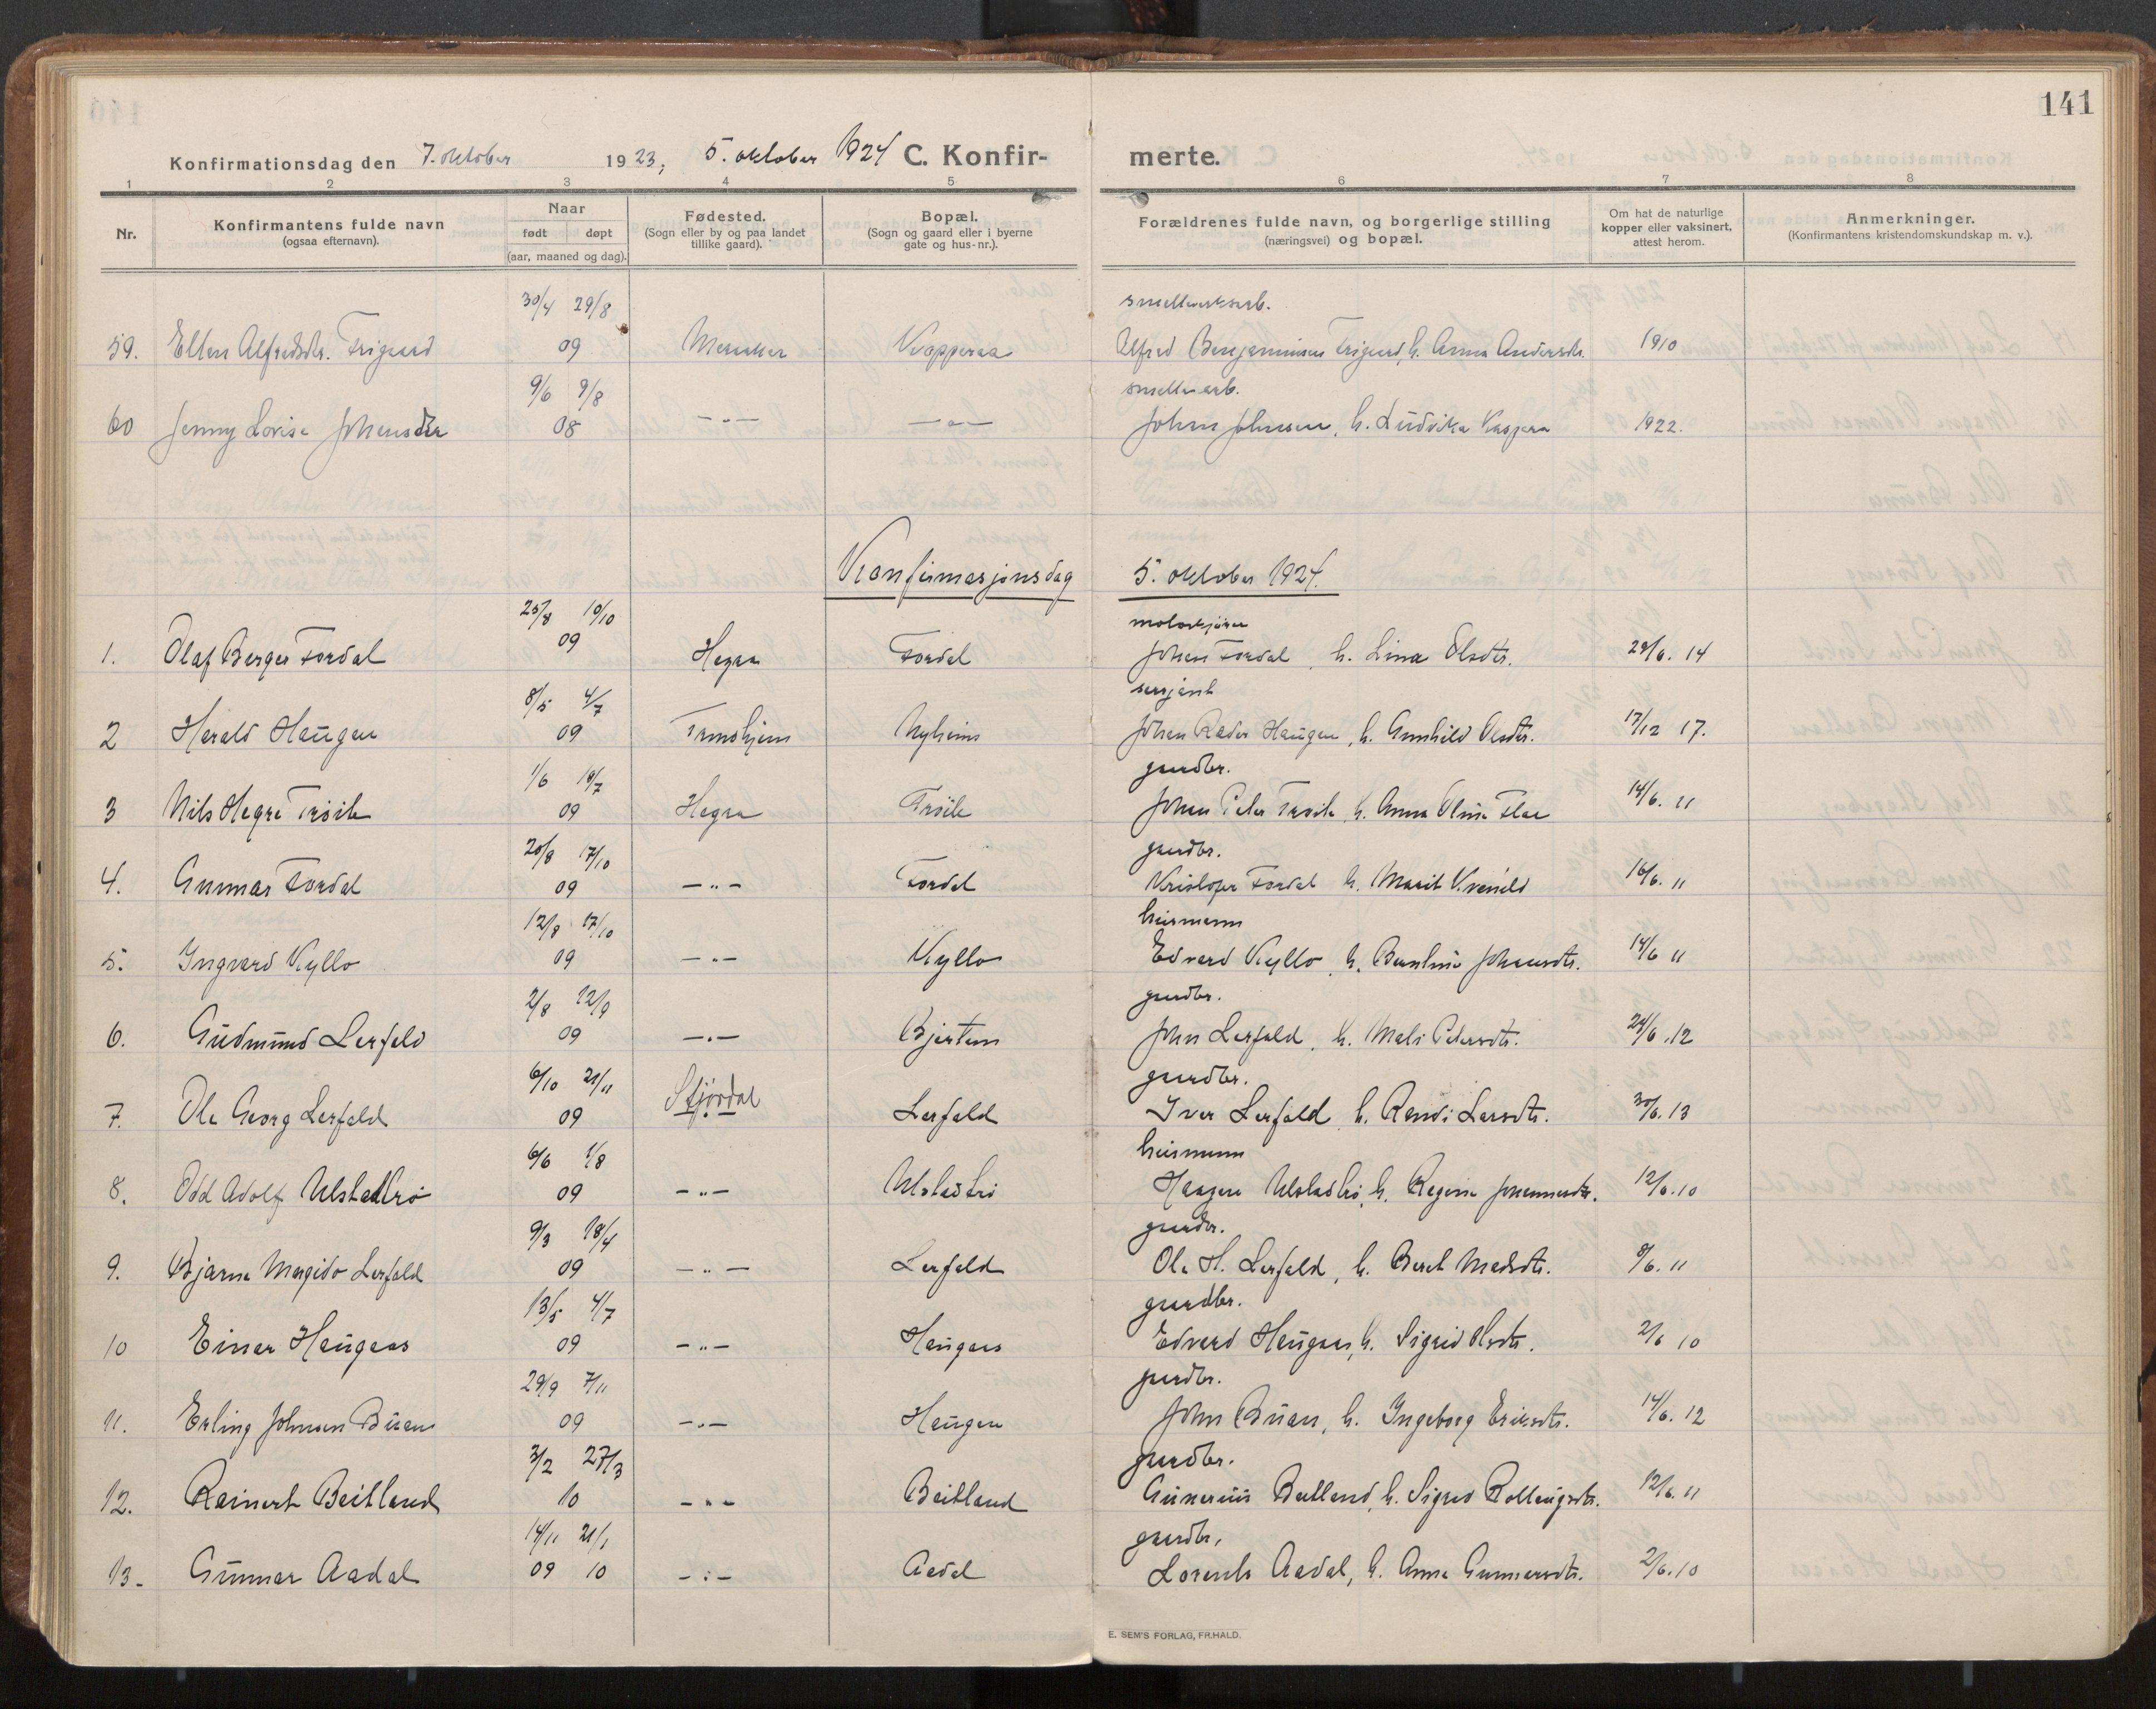 SAT, Ministerialprotokoller, klokkerbøker og fødselsregistre - Nord-Trøndelag, 703/L0037: Parish register (official) no. 703A10, 1915-1932, p. 141